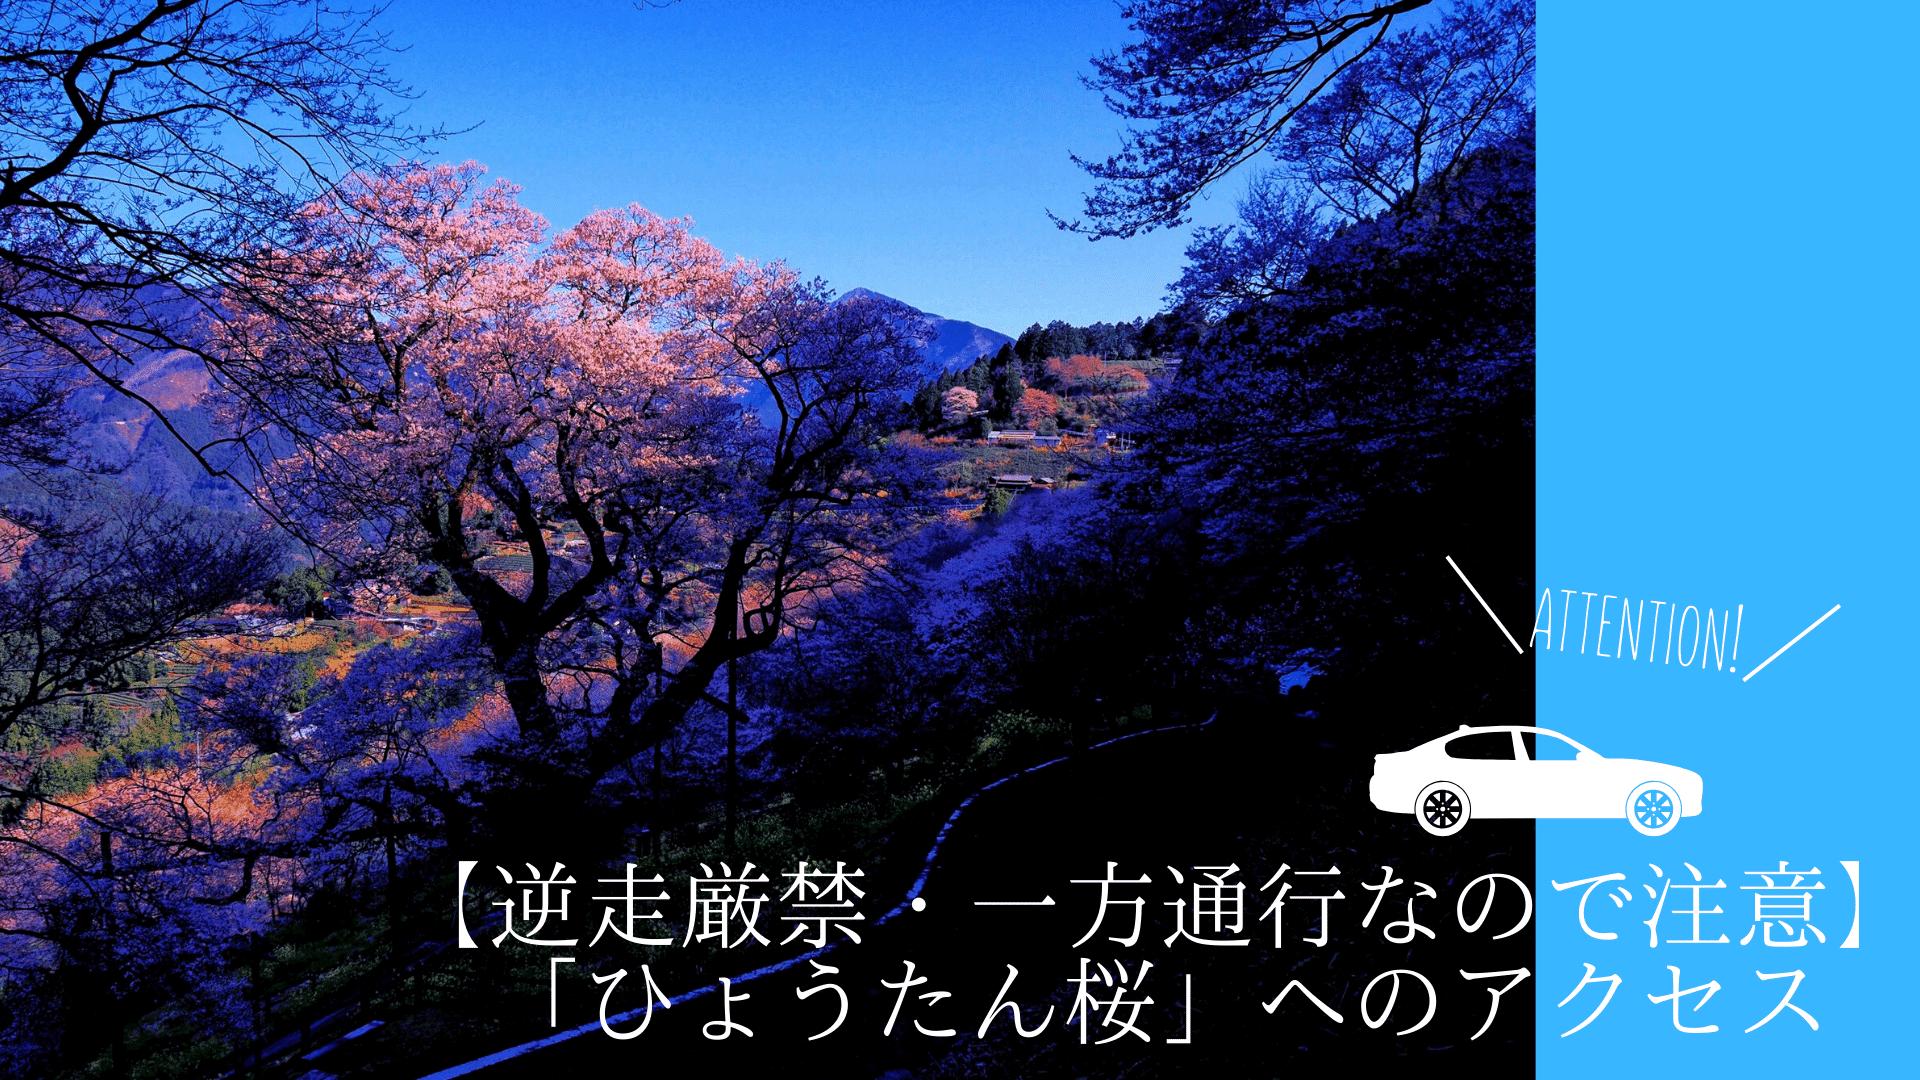 【逆走厳禁・一方通行なので注意】「ひょうたん桜」へのアクセス